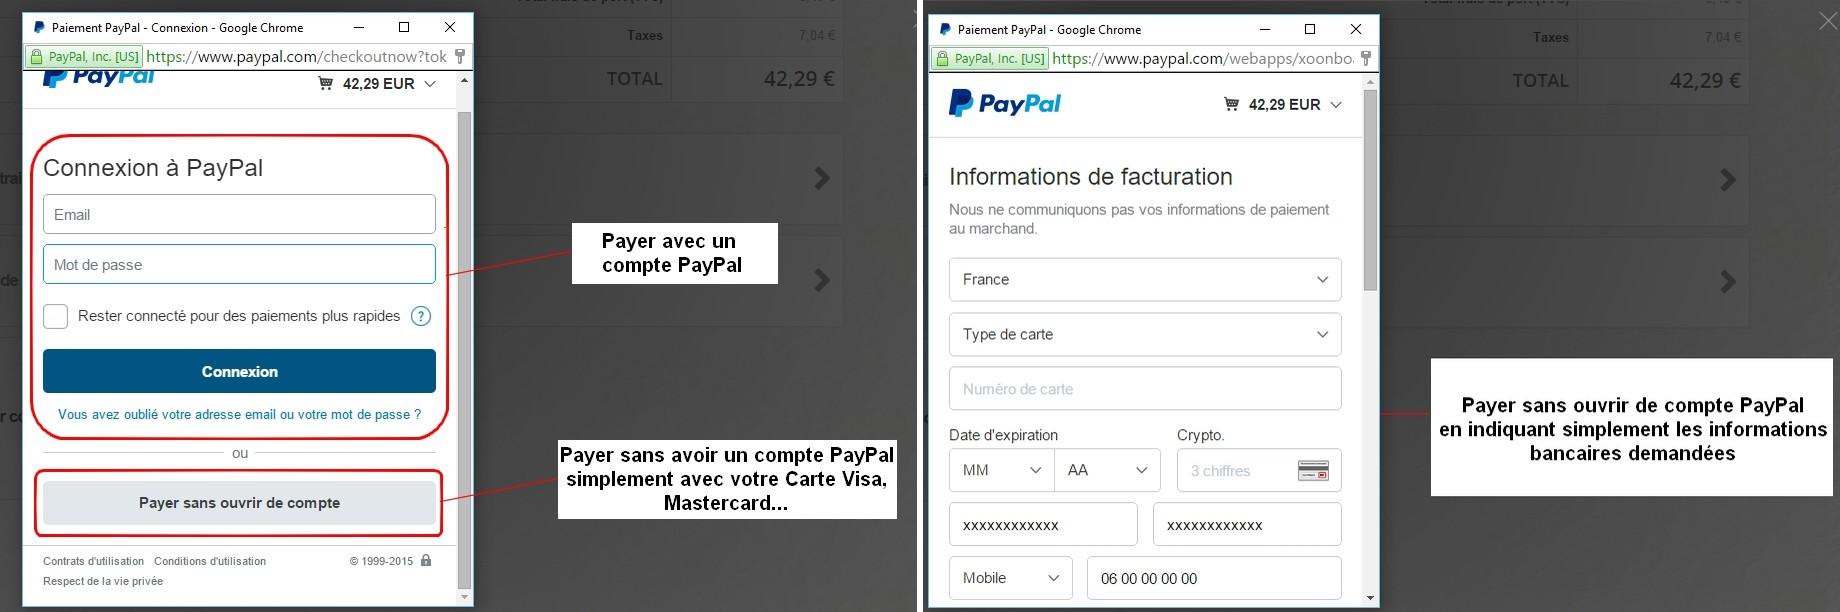 Régler avec ou sans compte PayPal